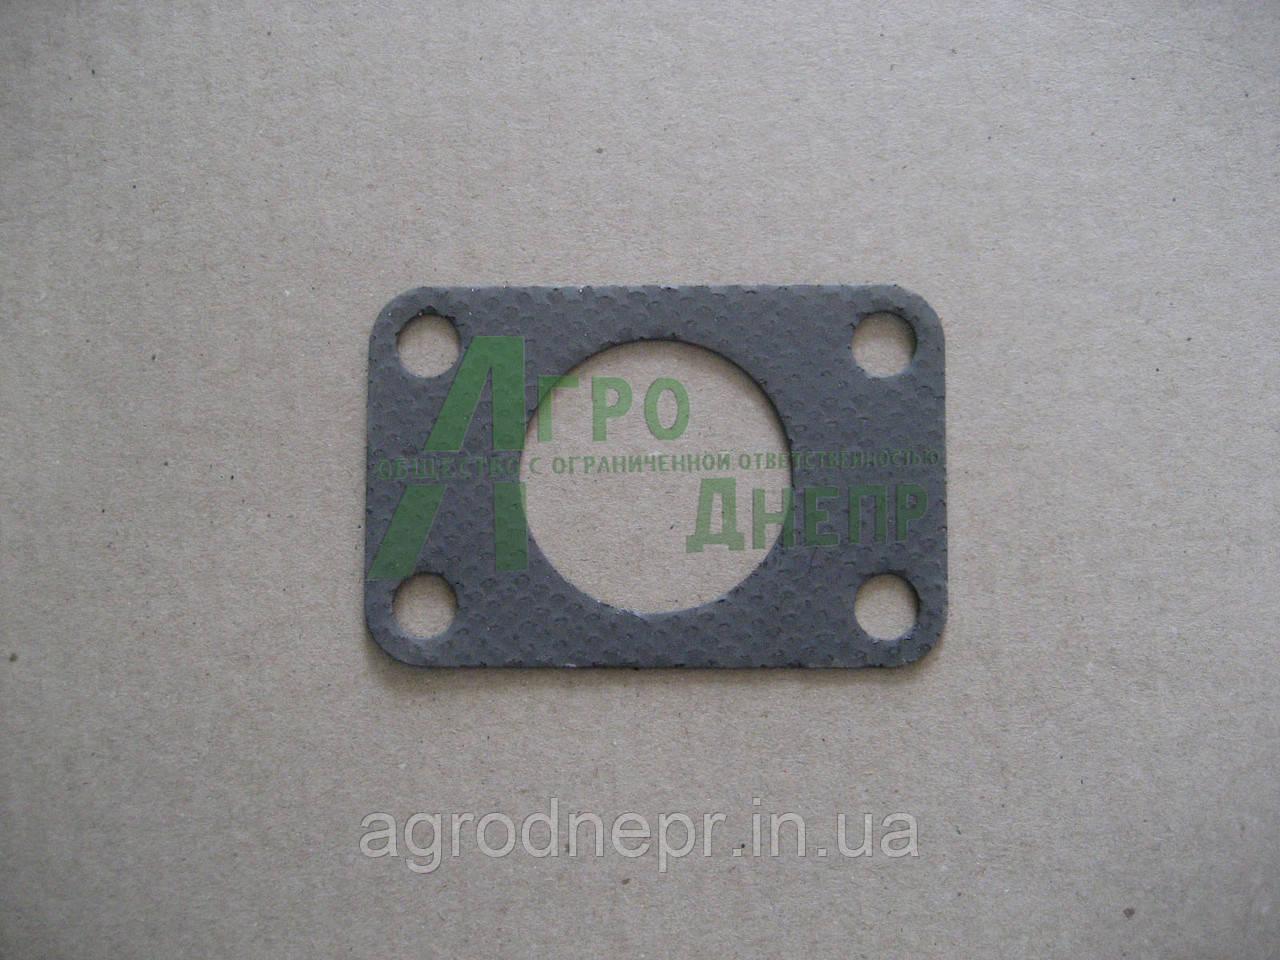 Прокладка переходника выхлопной трубы Д-240 50-1008028